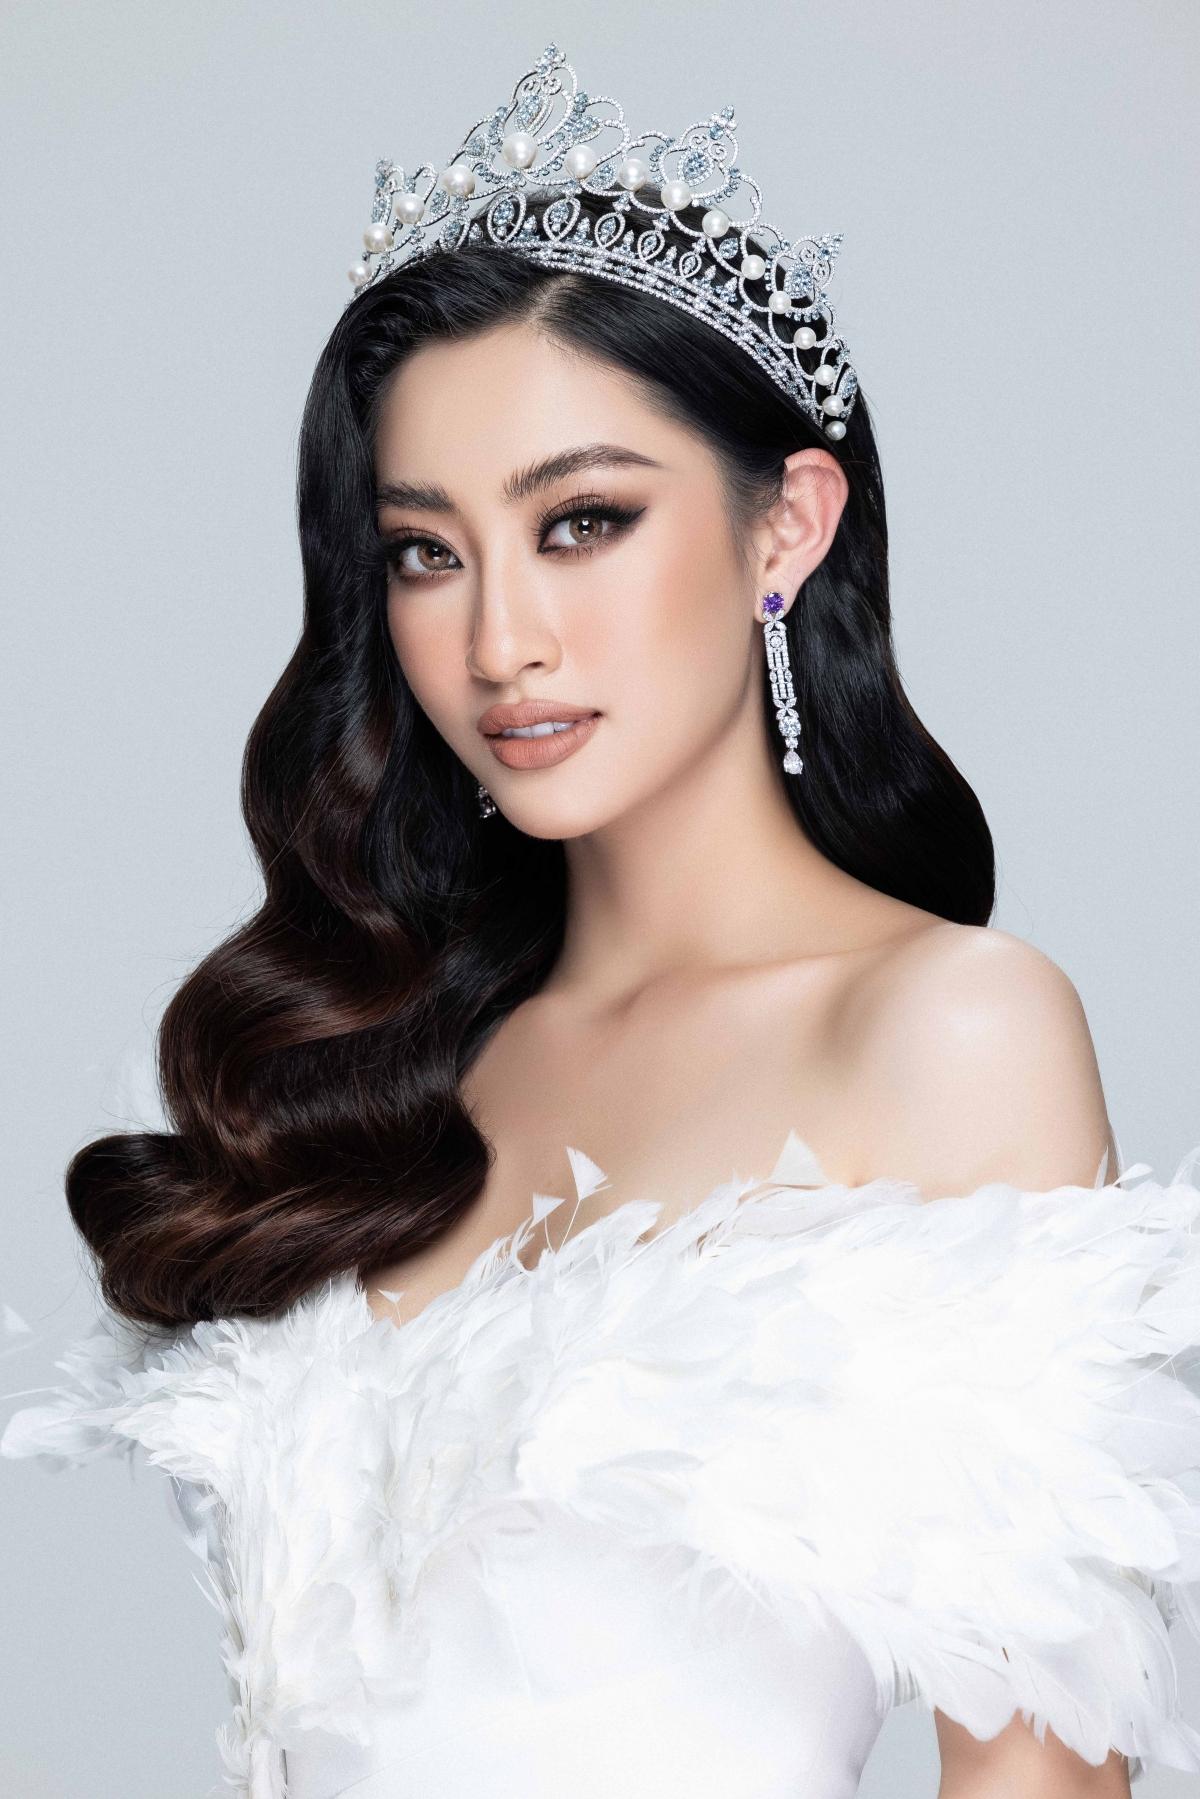 Đăng quang ngôi vị Hoa hậu, Lương Thuỳ Linh gây chú ý bởi chiều cao khủng 1m78 và bảng thành tích học tập đáng ngưỡng mộ.